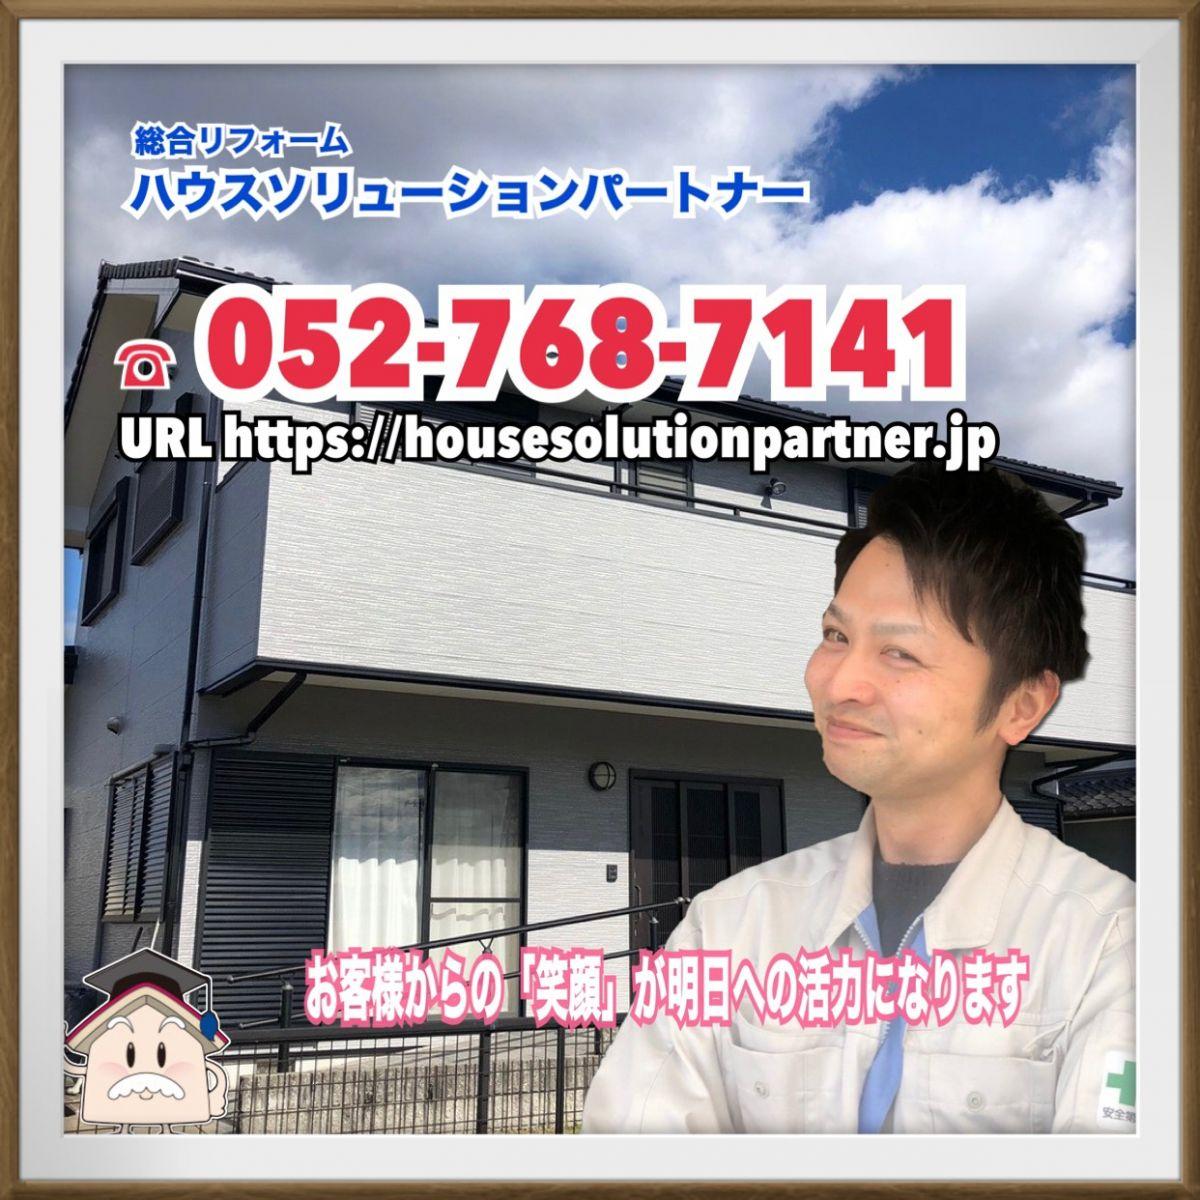 jirei_image53484